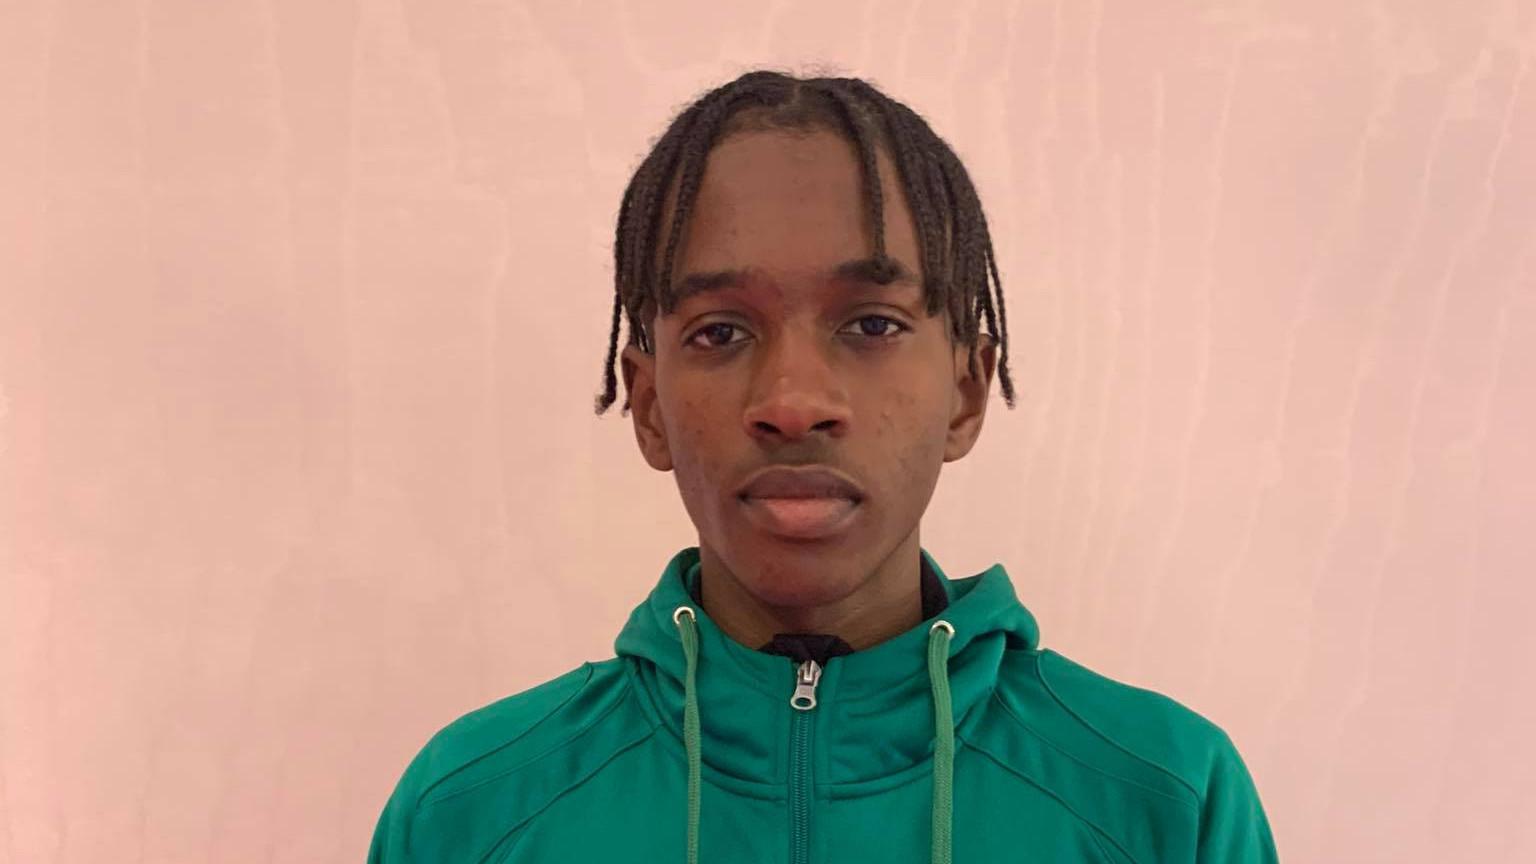 Magyarország első felnőtt Európa-bajnoki címét szerezte Salim Omar